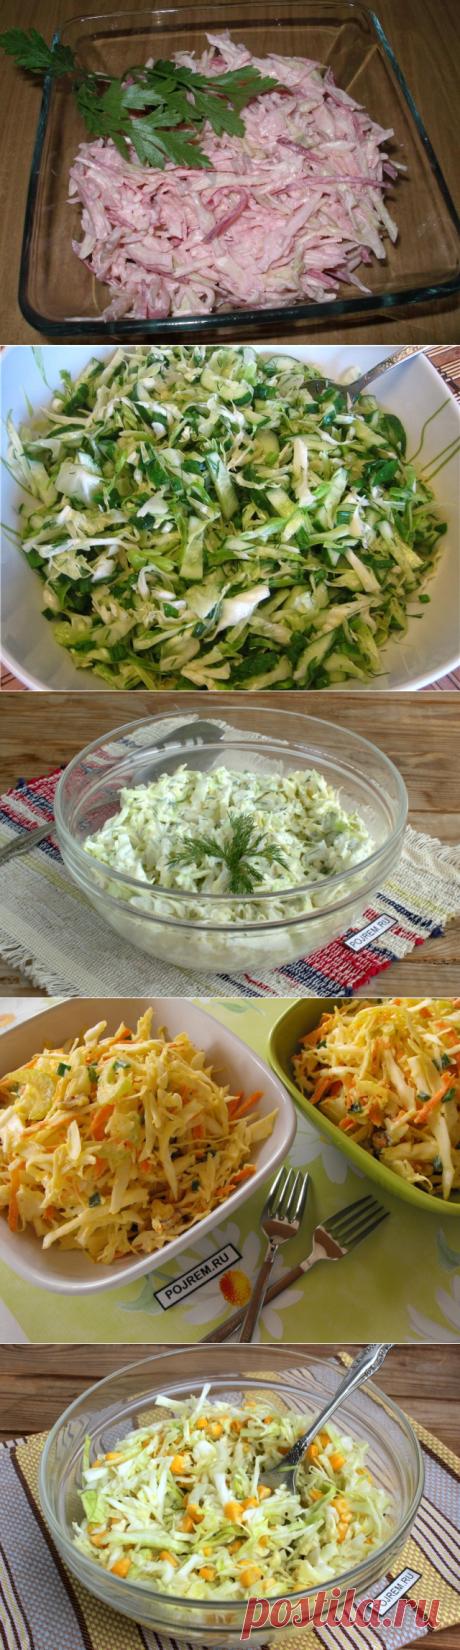 Пять салатов из свежей капусты » Женский Мир